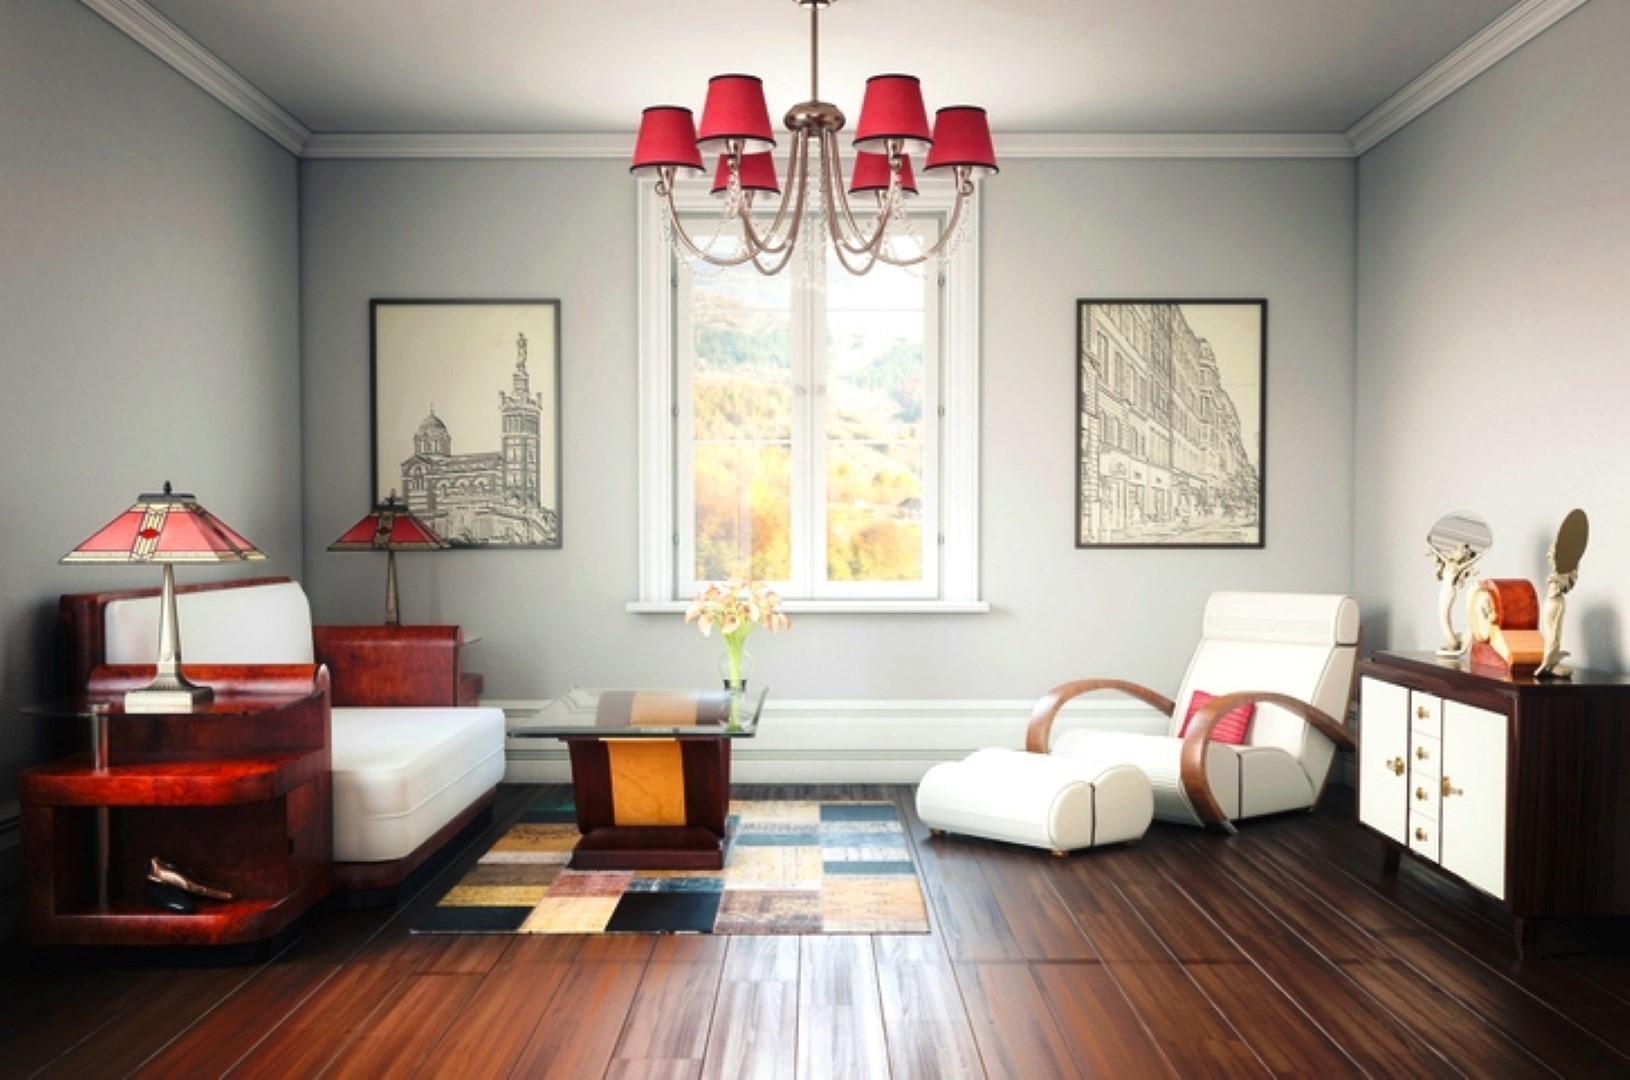 Camere Da Letto Art Deco : Camere da letto glamour e retrò le nuove tendenze per ambienti